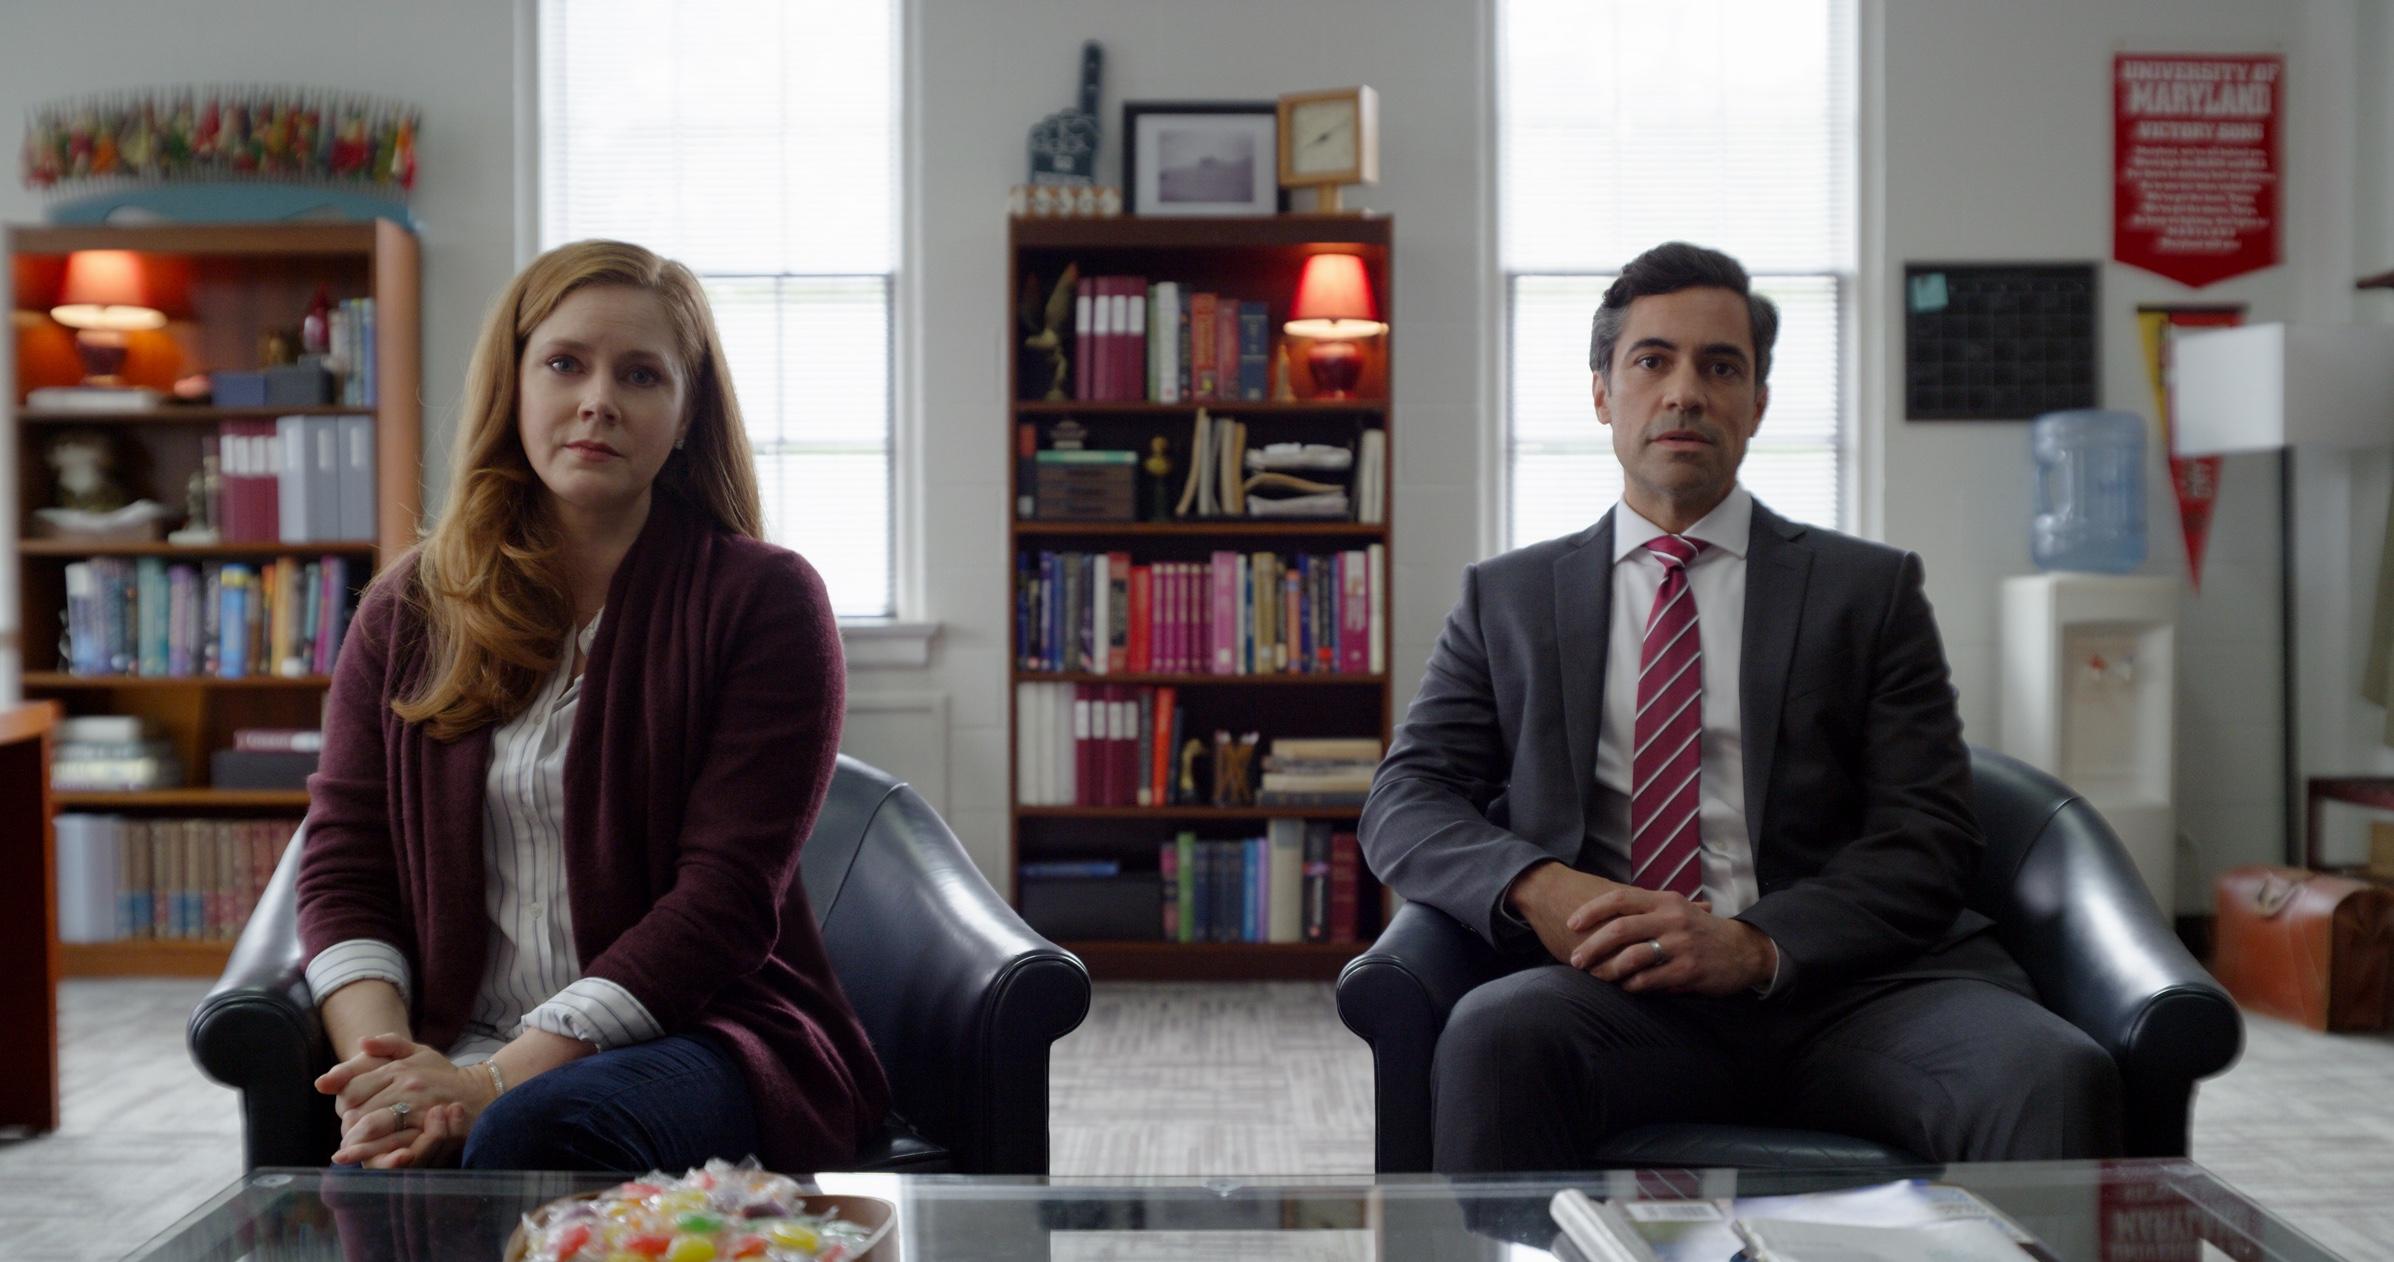 Amy Adams and Danny Pino in Dear Evan Hansen (2021 movie)